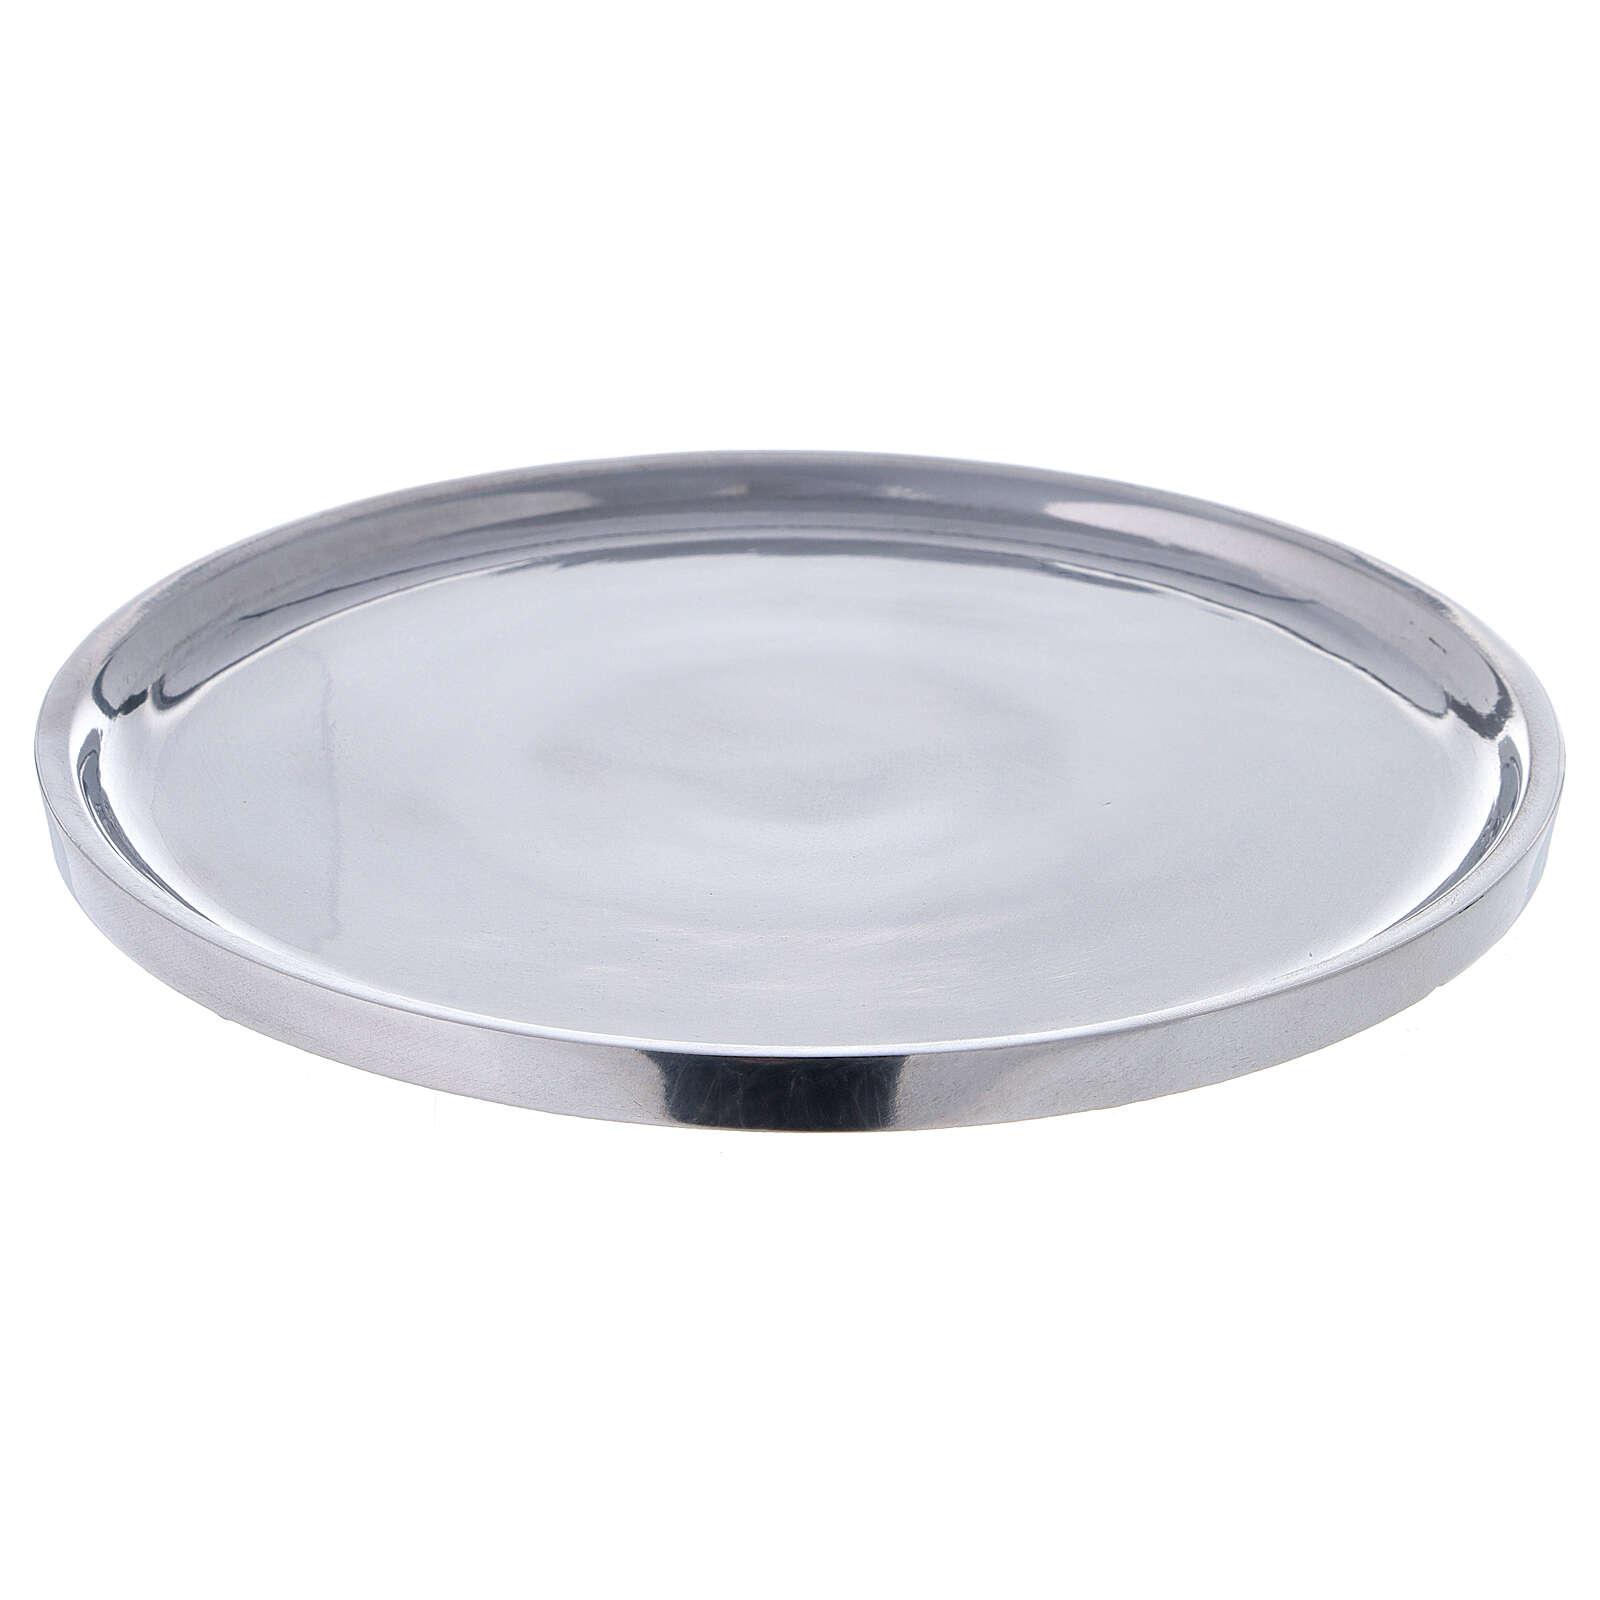 Plato para vela aluminio lúcido 19 cm 3